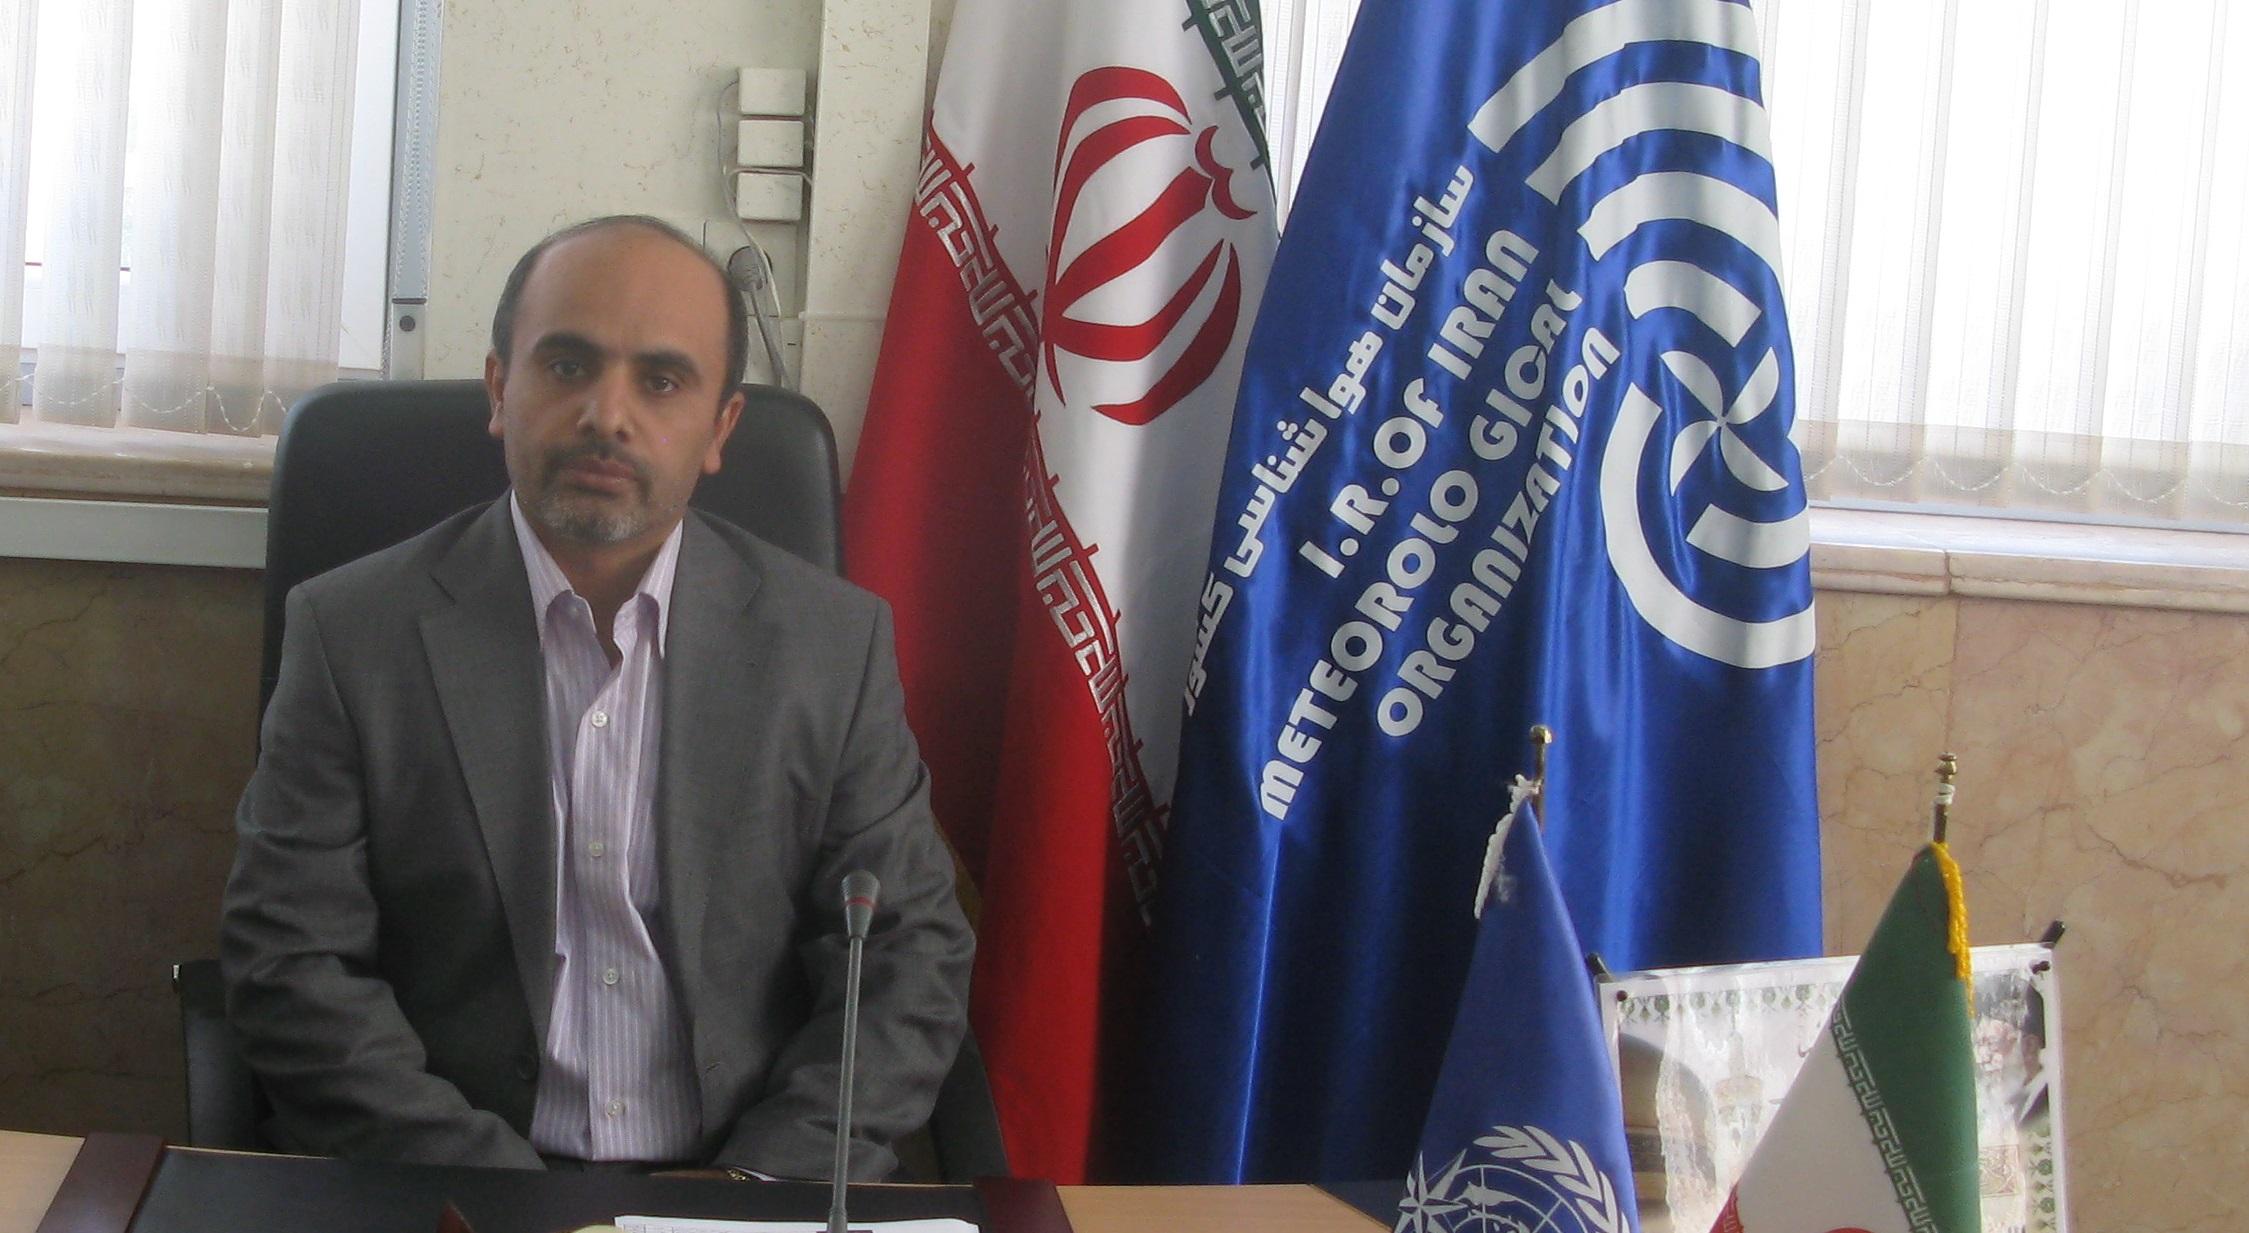 انتصاب مدیر کل هواشناسی خراسان شمالی به سمت سرپرست معاونت توسعه مدیریت و منابع  سازمان هواشناسی کشور